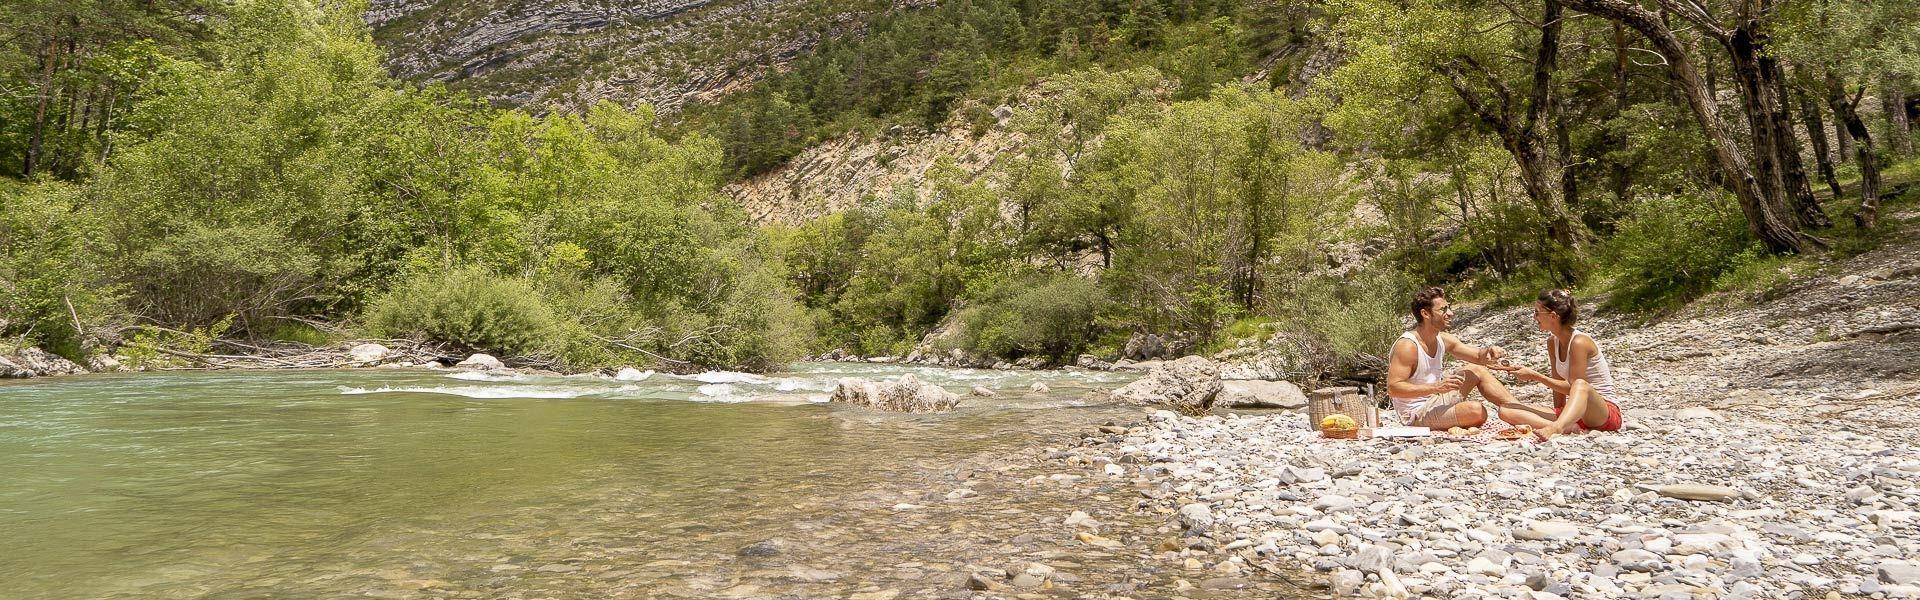 Camping bord de rivière